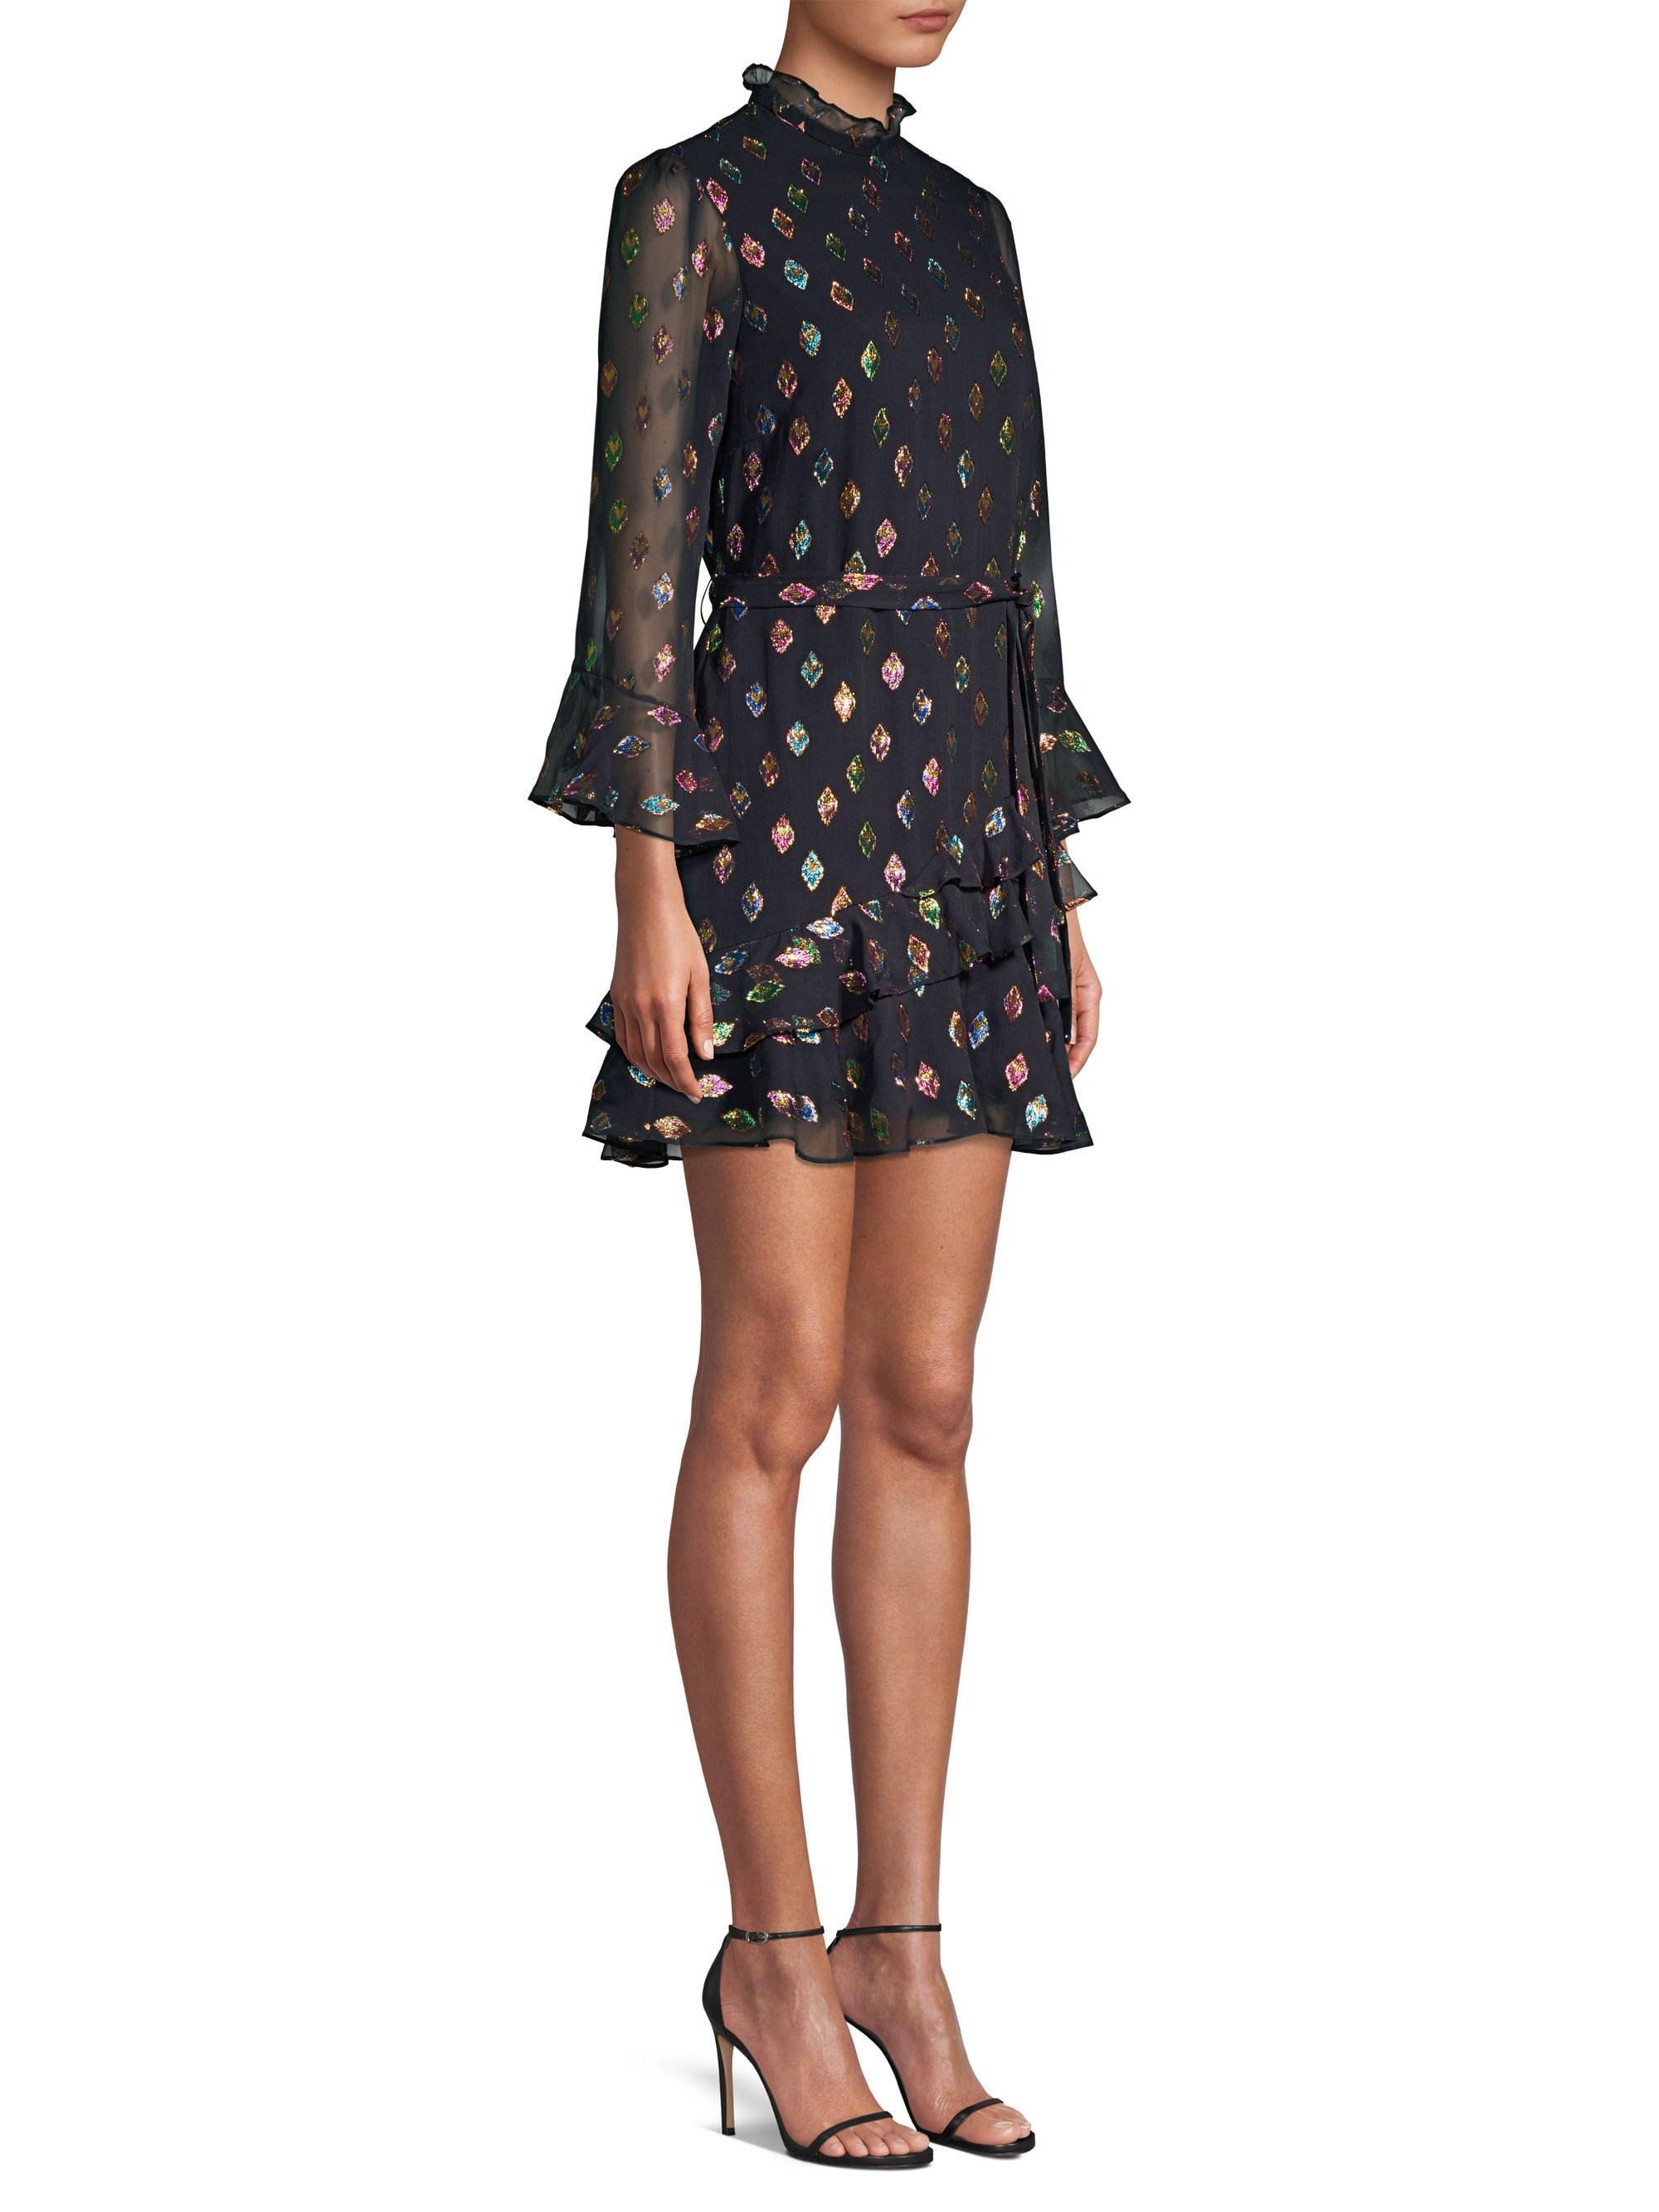 b1405257a0568 Saloni Women's Marissa Lurex Mini Dress - Black Rainbow - Size 8 in ...